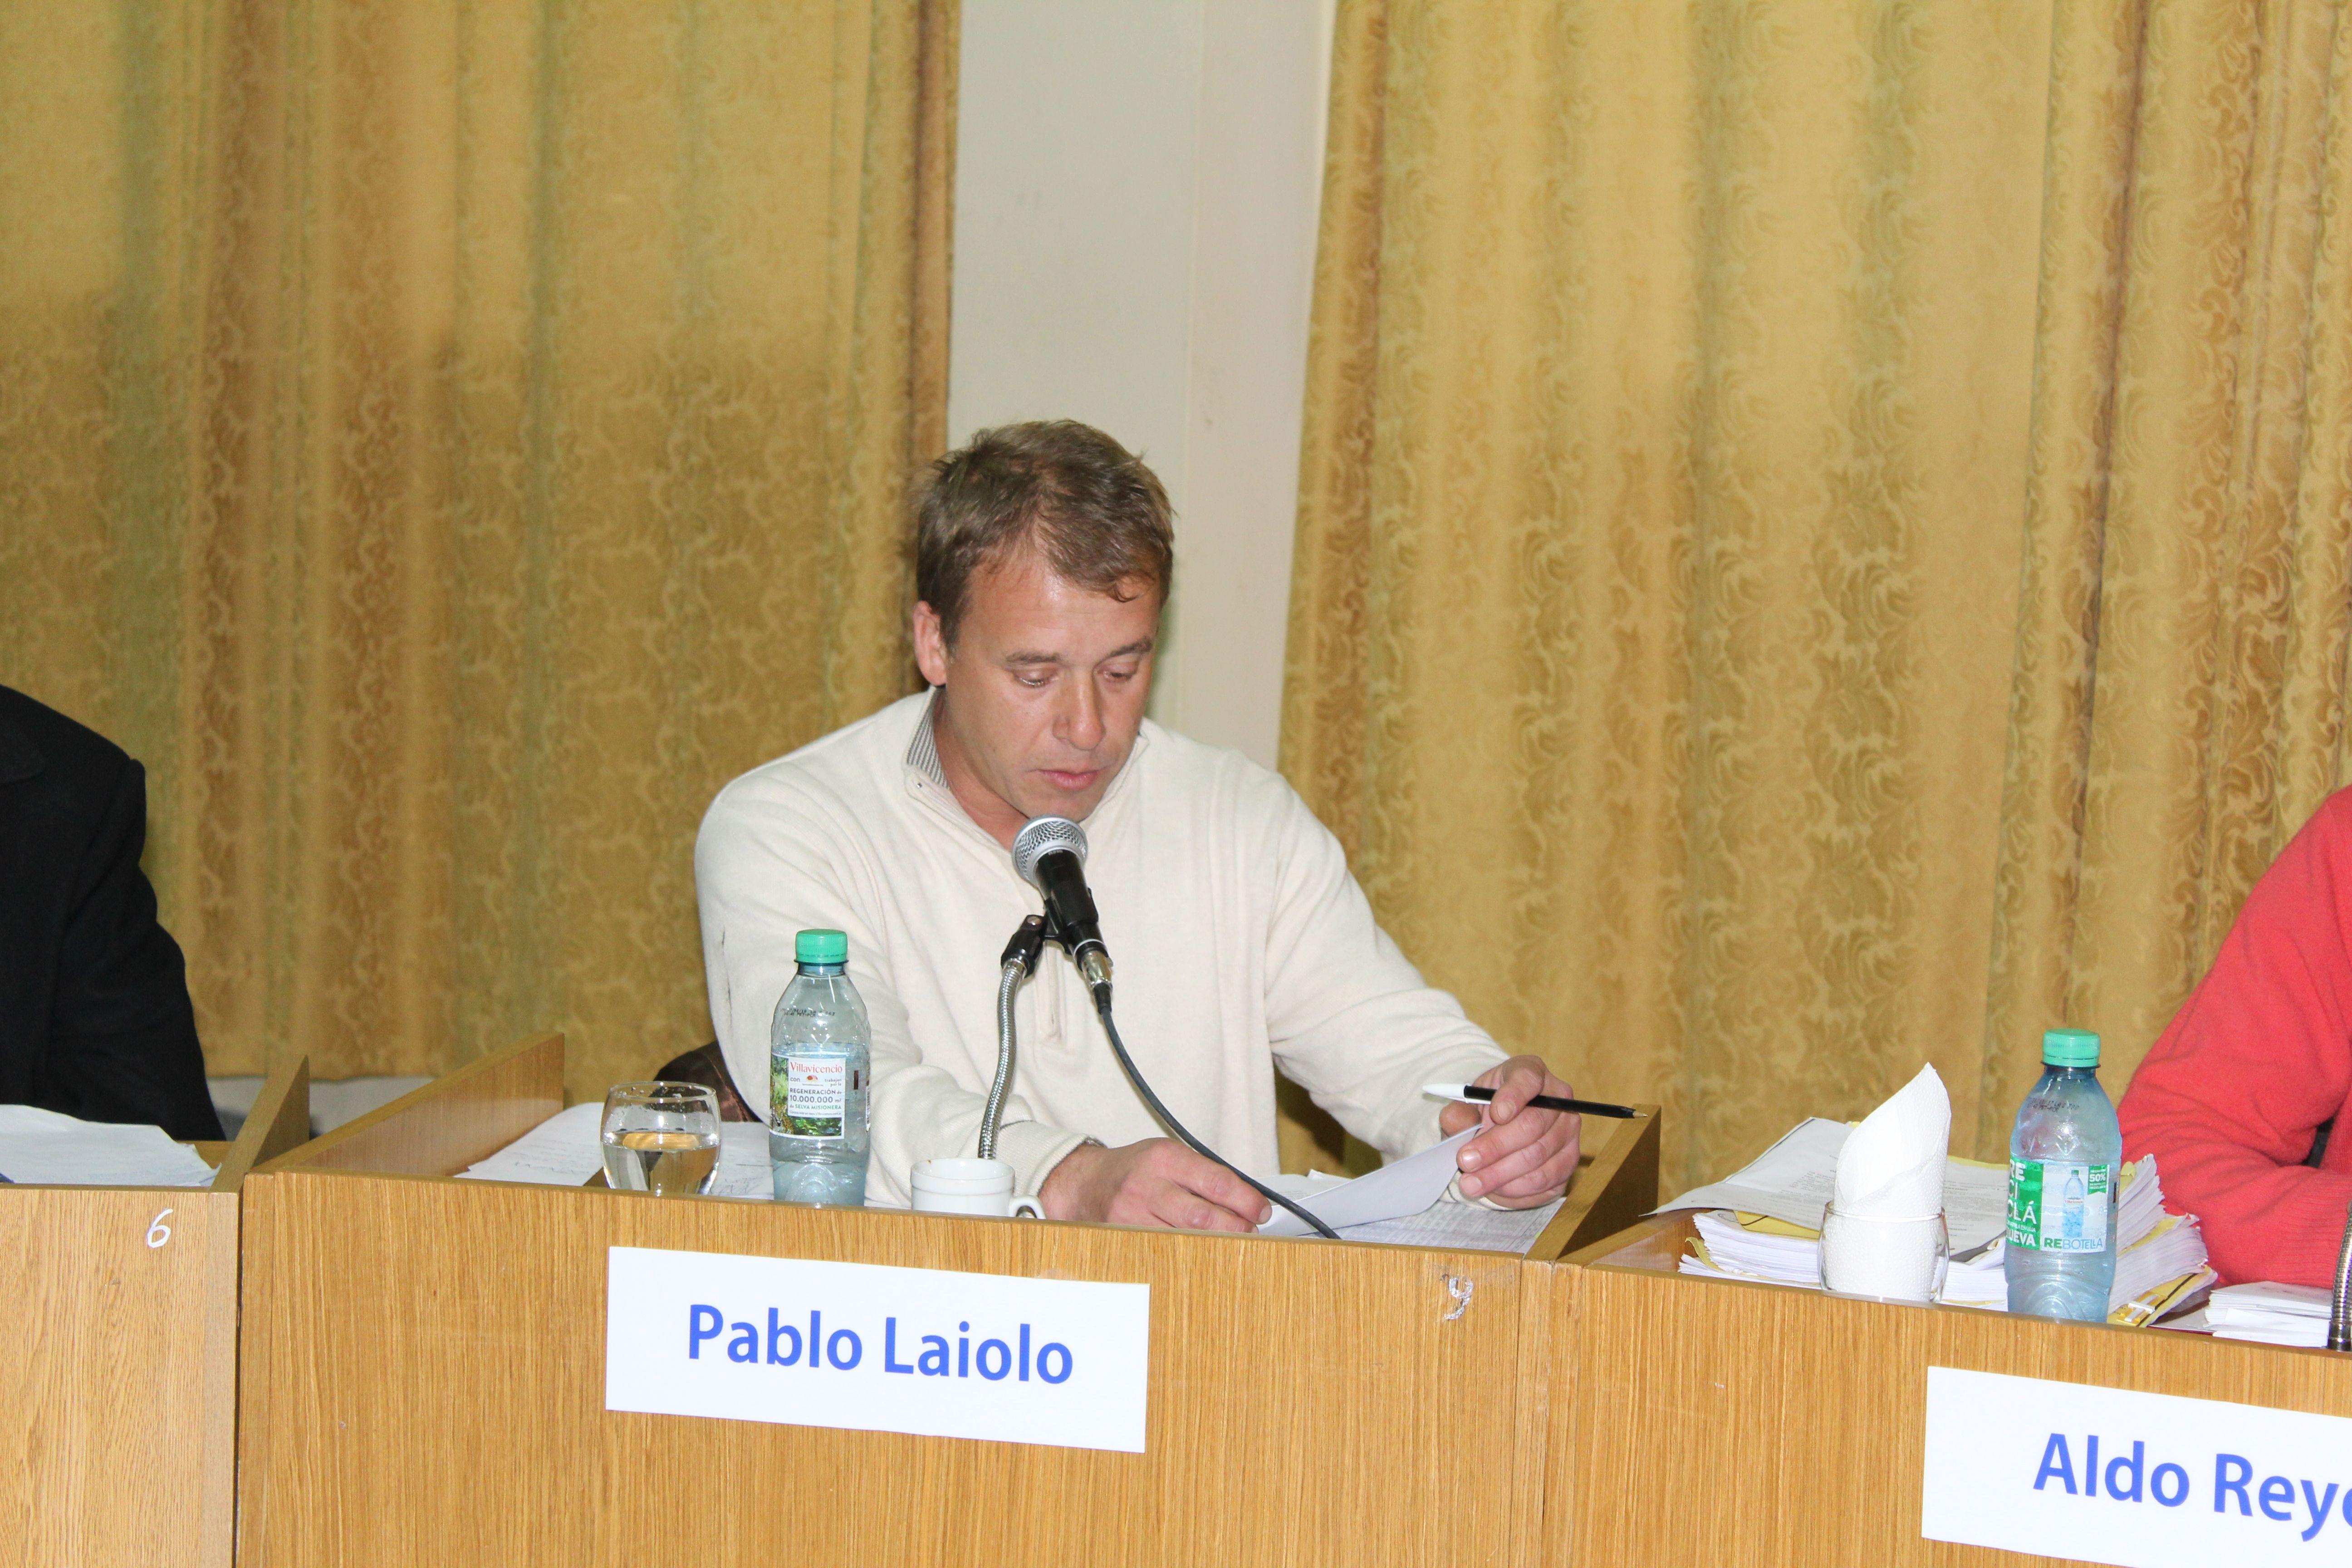 Pablo Laiolo